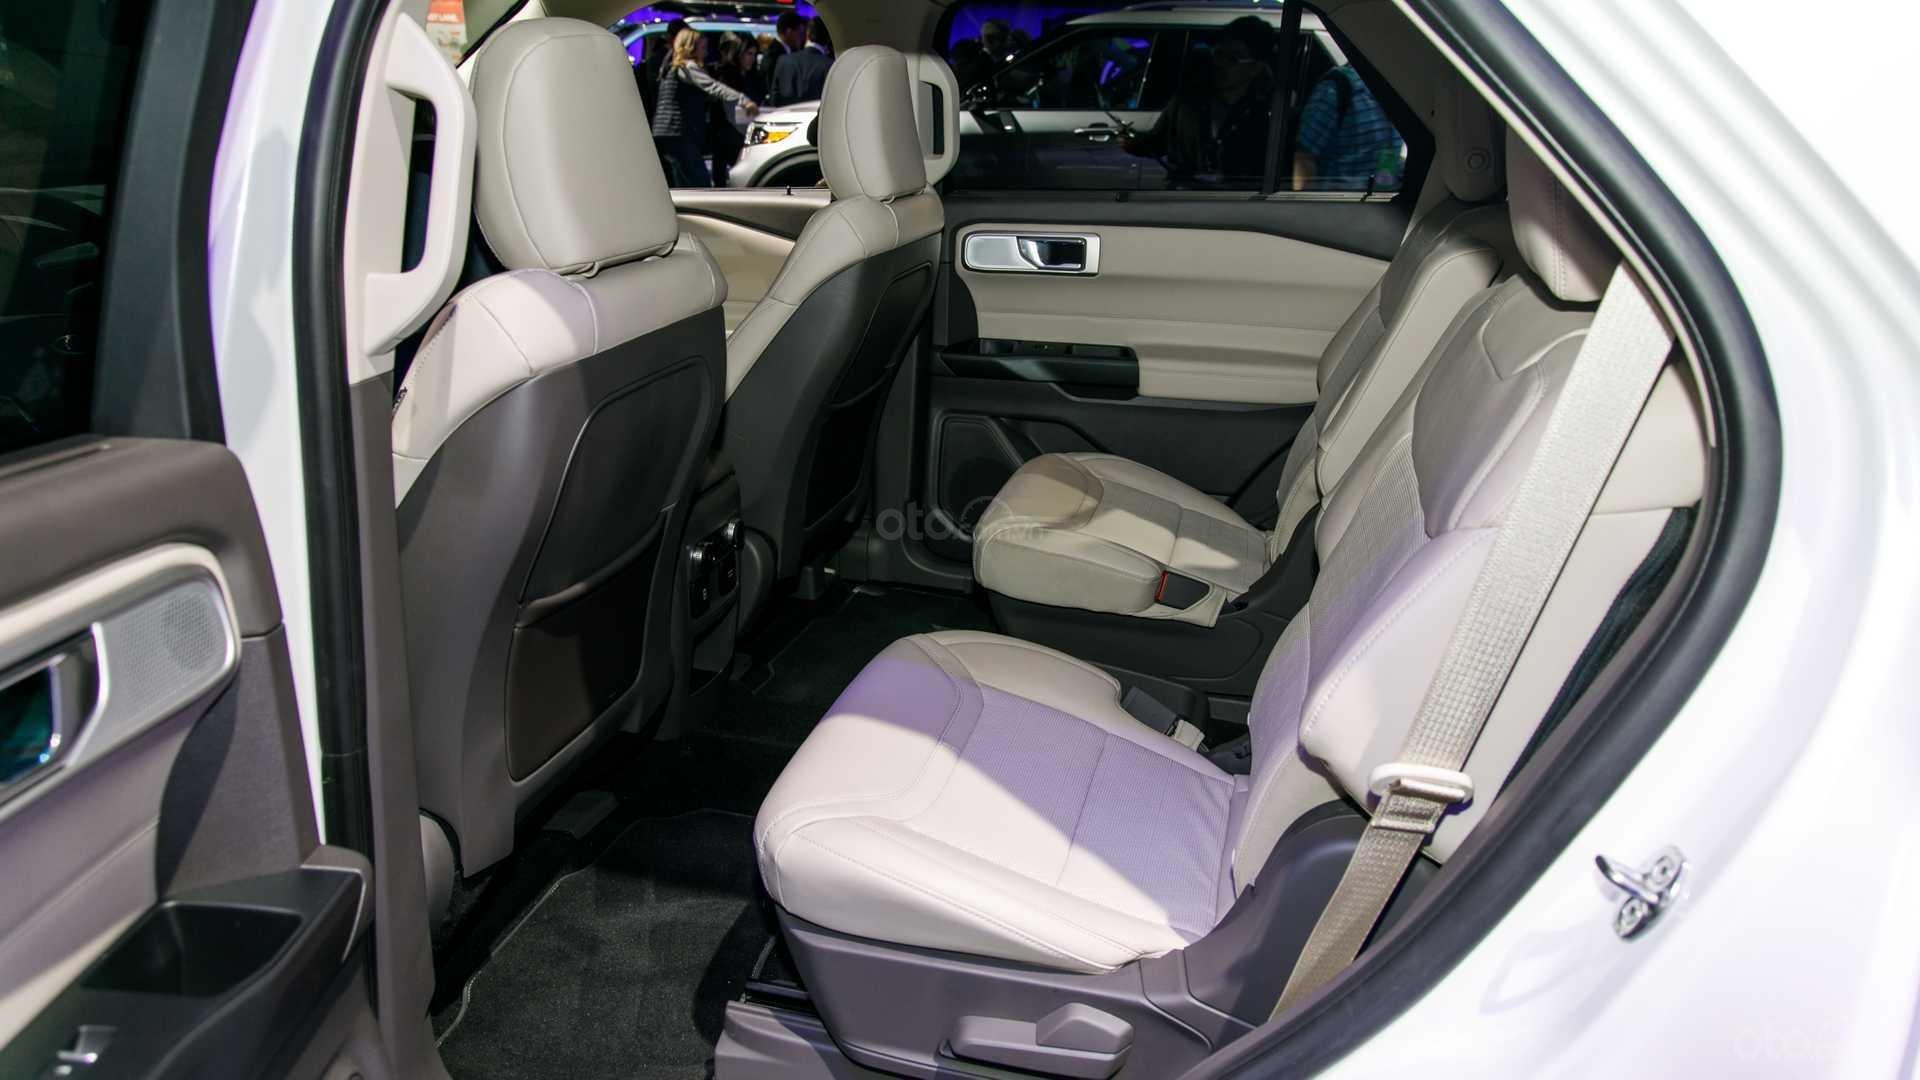 Đánh giá xe Ford Explorer 2020 về khoang nội thất